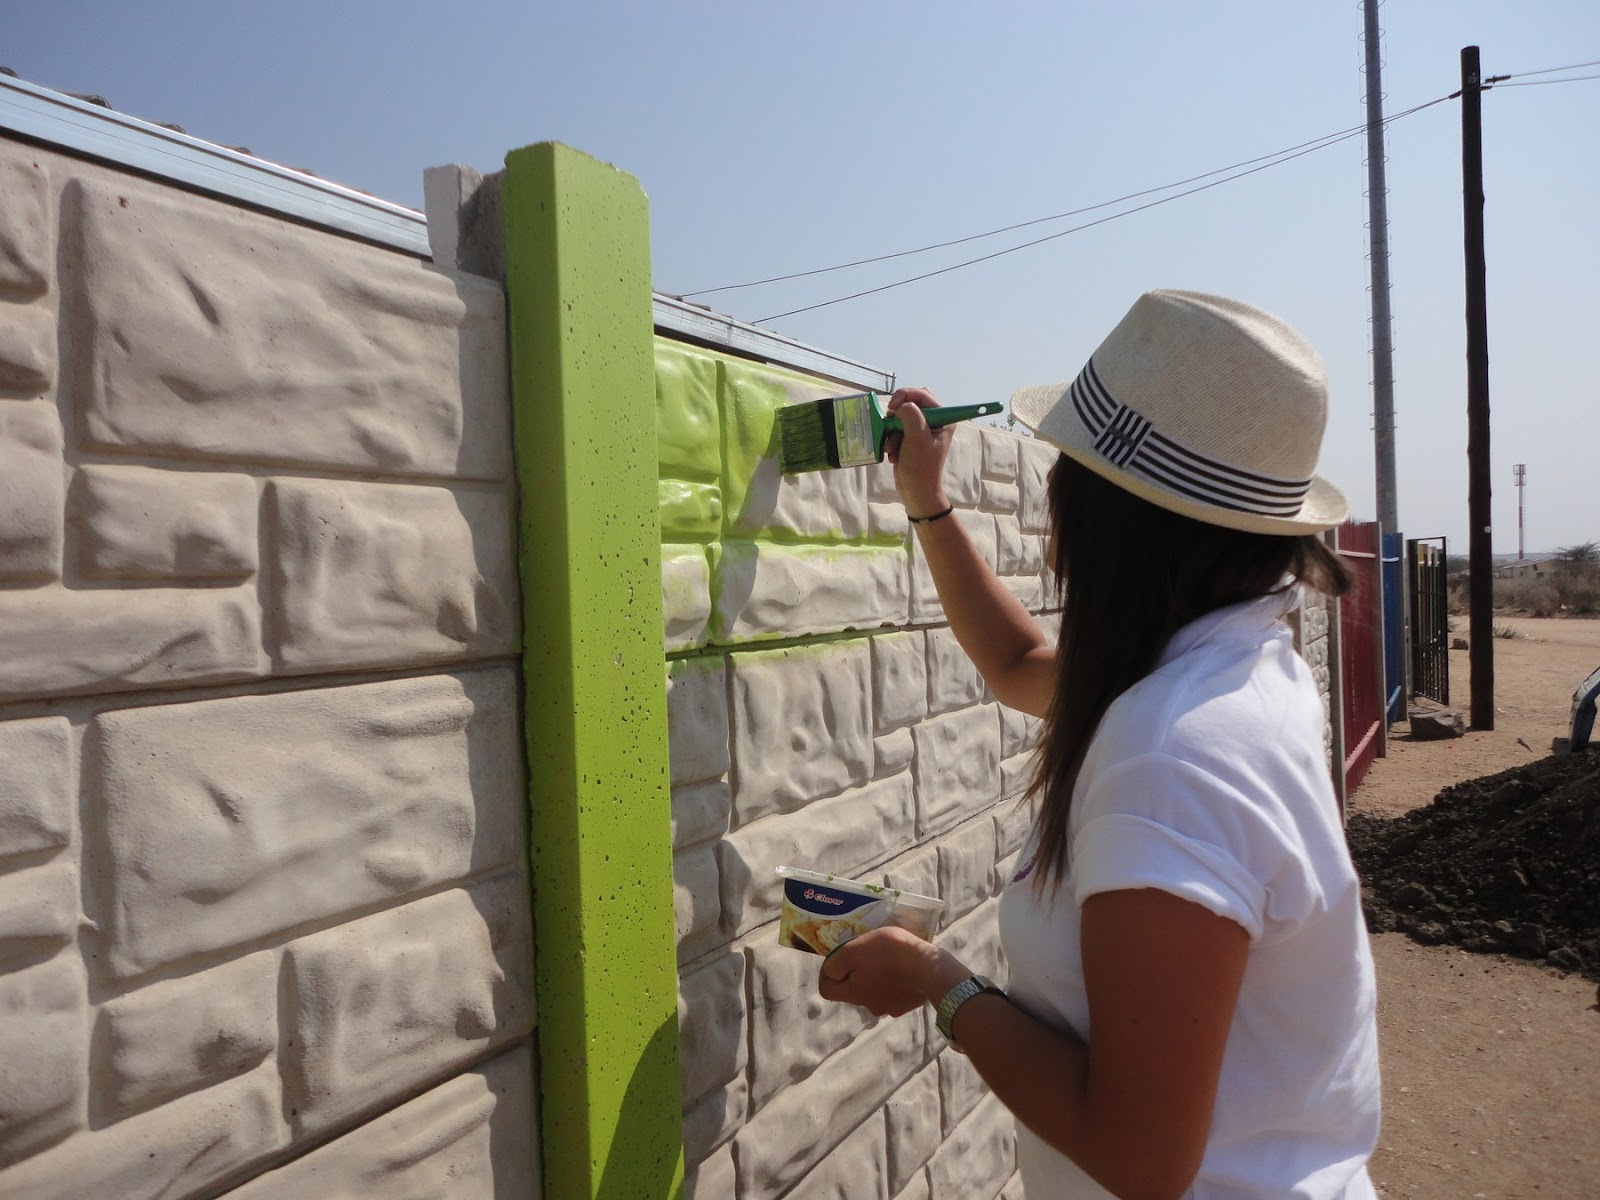 Comment Faire Des Rayures En Peinture Sur Un Mur techniques pour peindre des rayures sur un mur – bricobistro